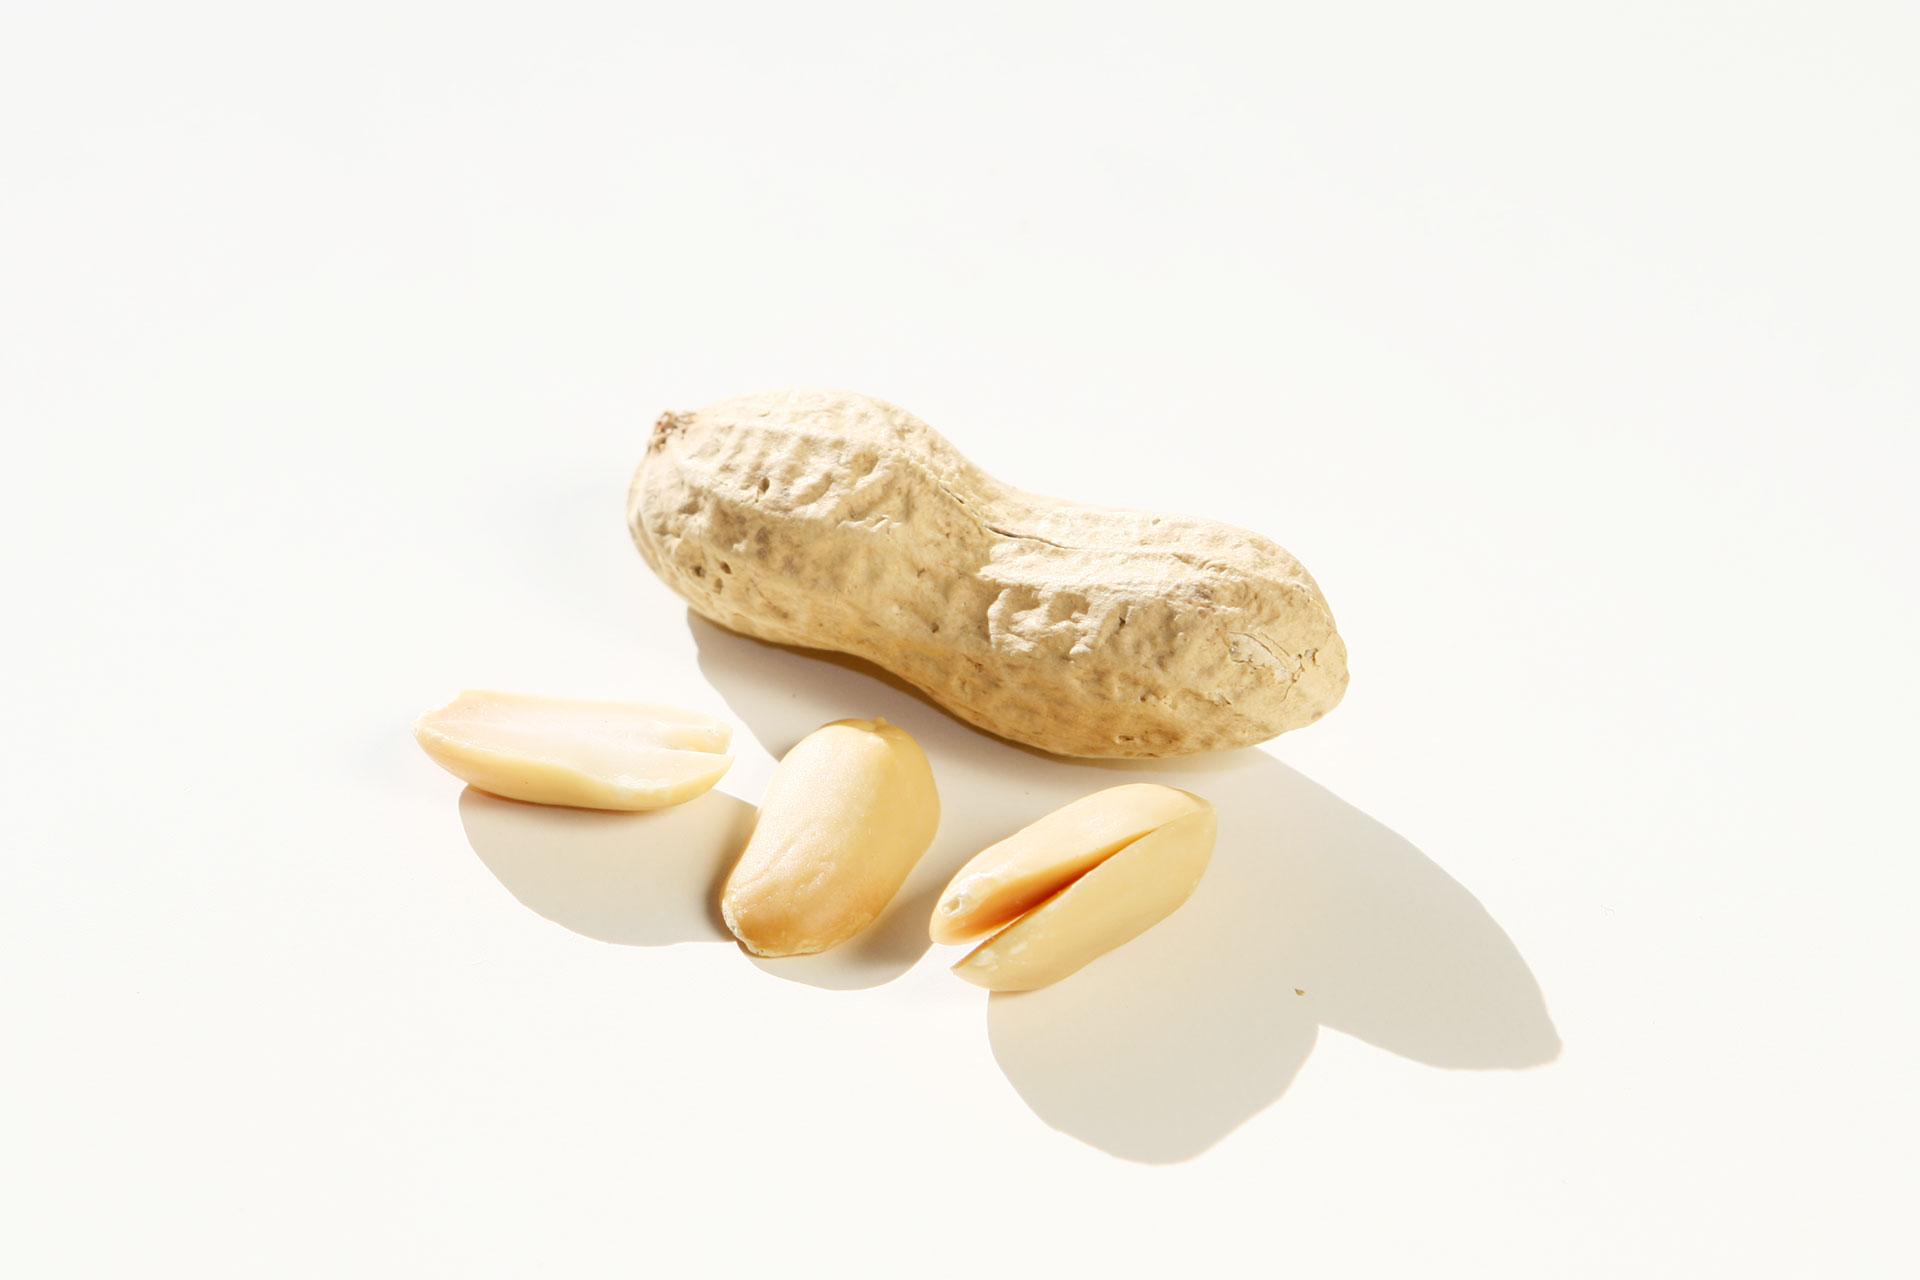 Jetzt gibt's was auf die Nüsse – Gesunde knackige Schnellmacher / Die Erdnuss © stefandrexl.de